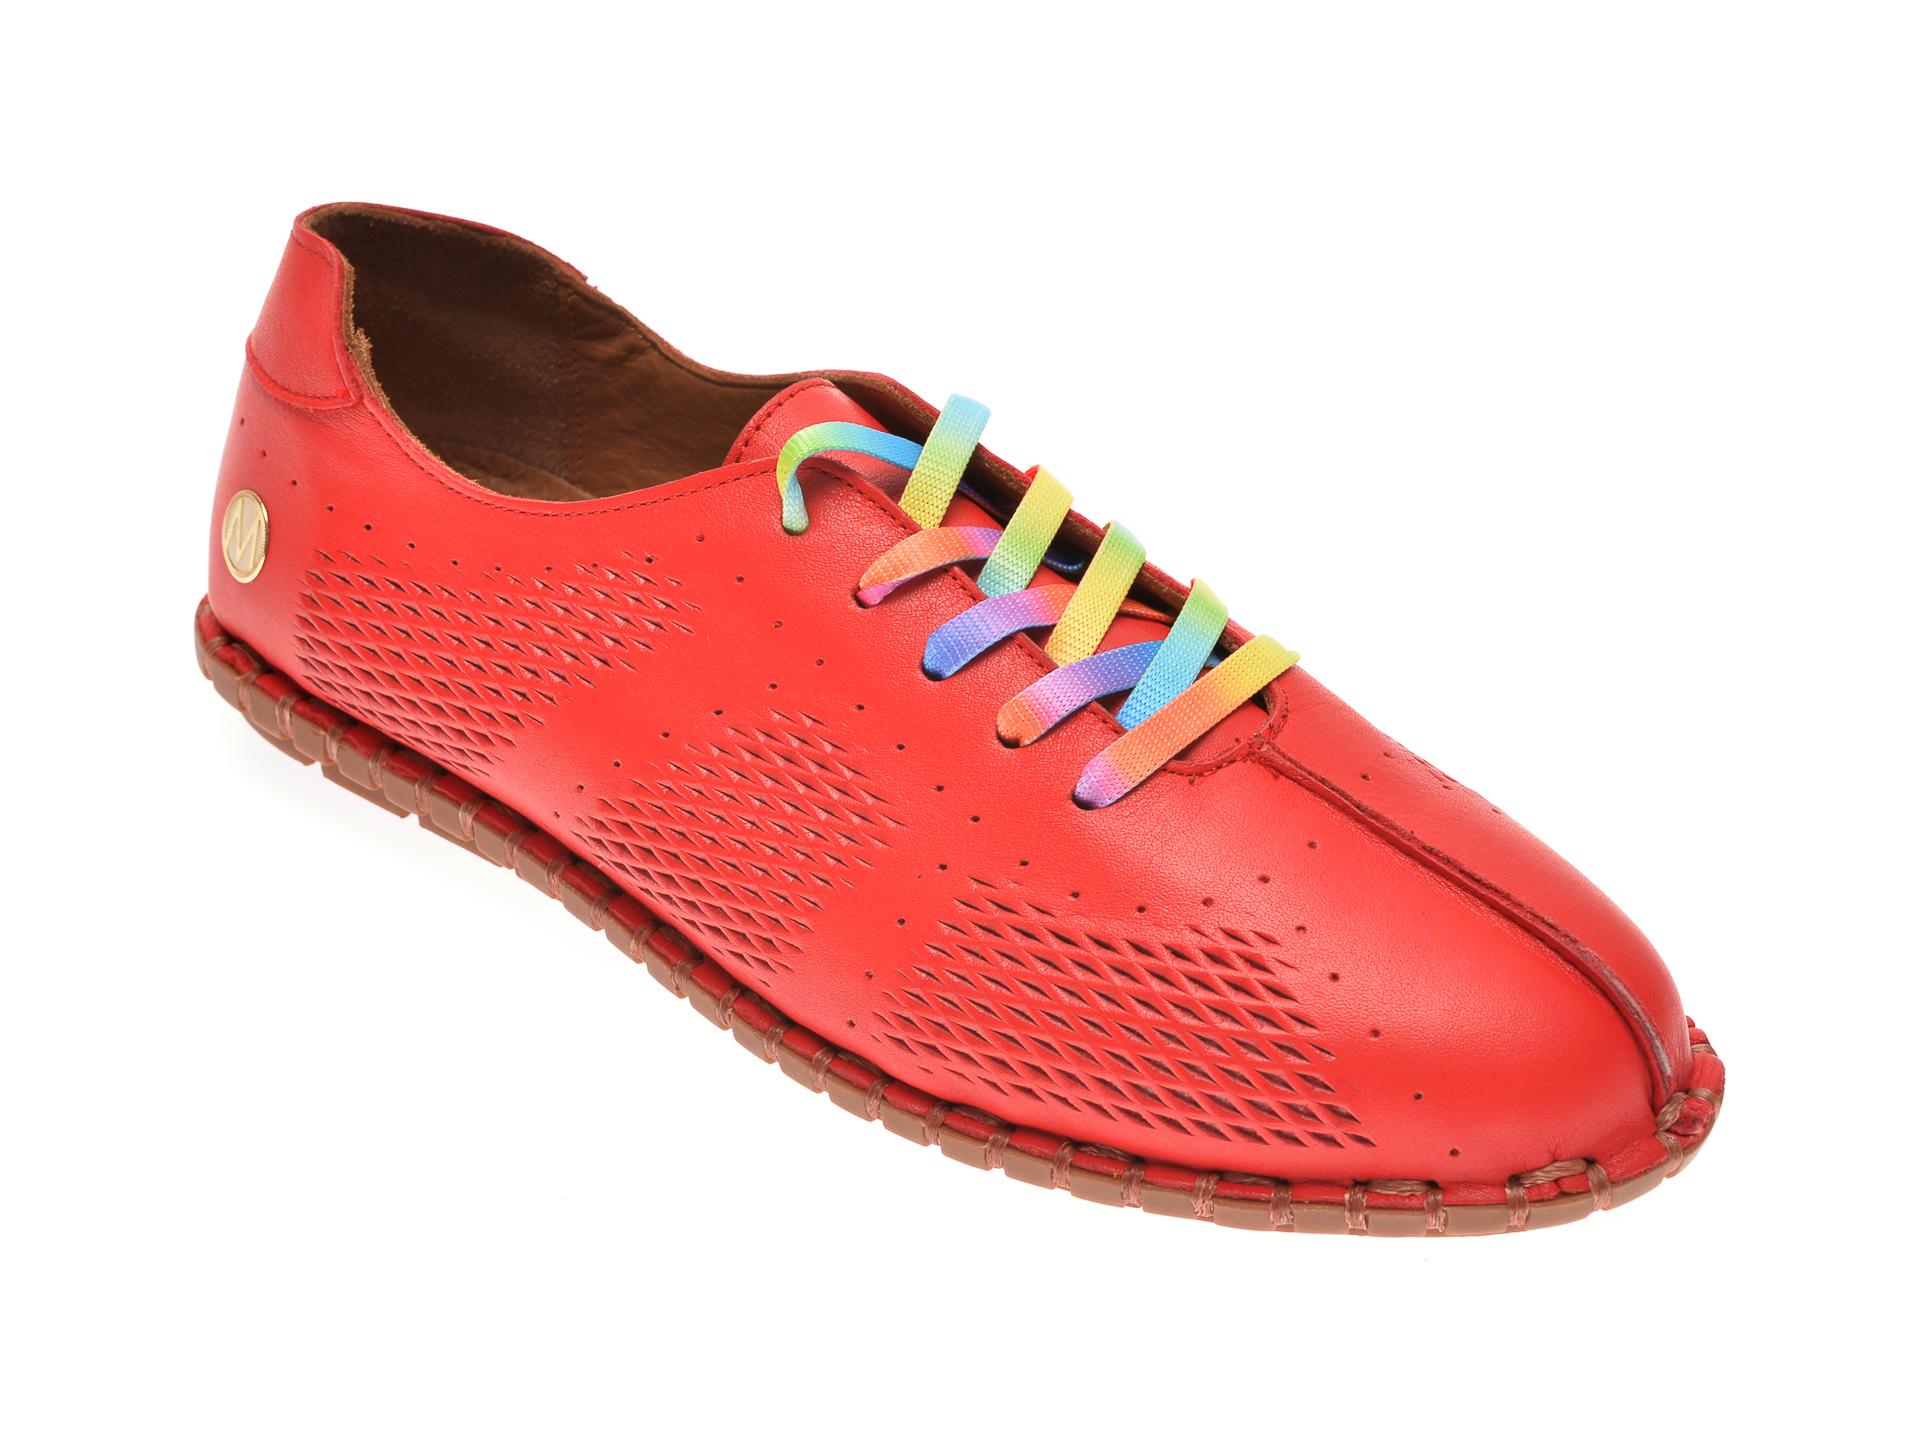 Pantofi MESSIMODA rosii, 20Y3516, din piele naturala